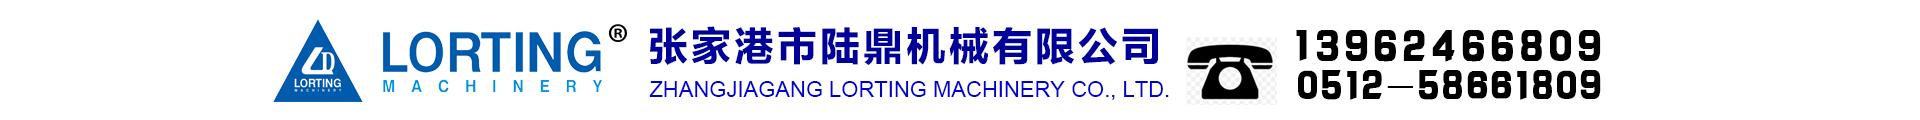 张家港市陆鼎机械有限公司